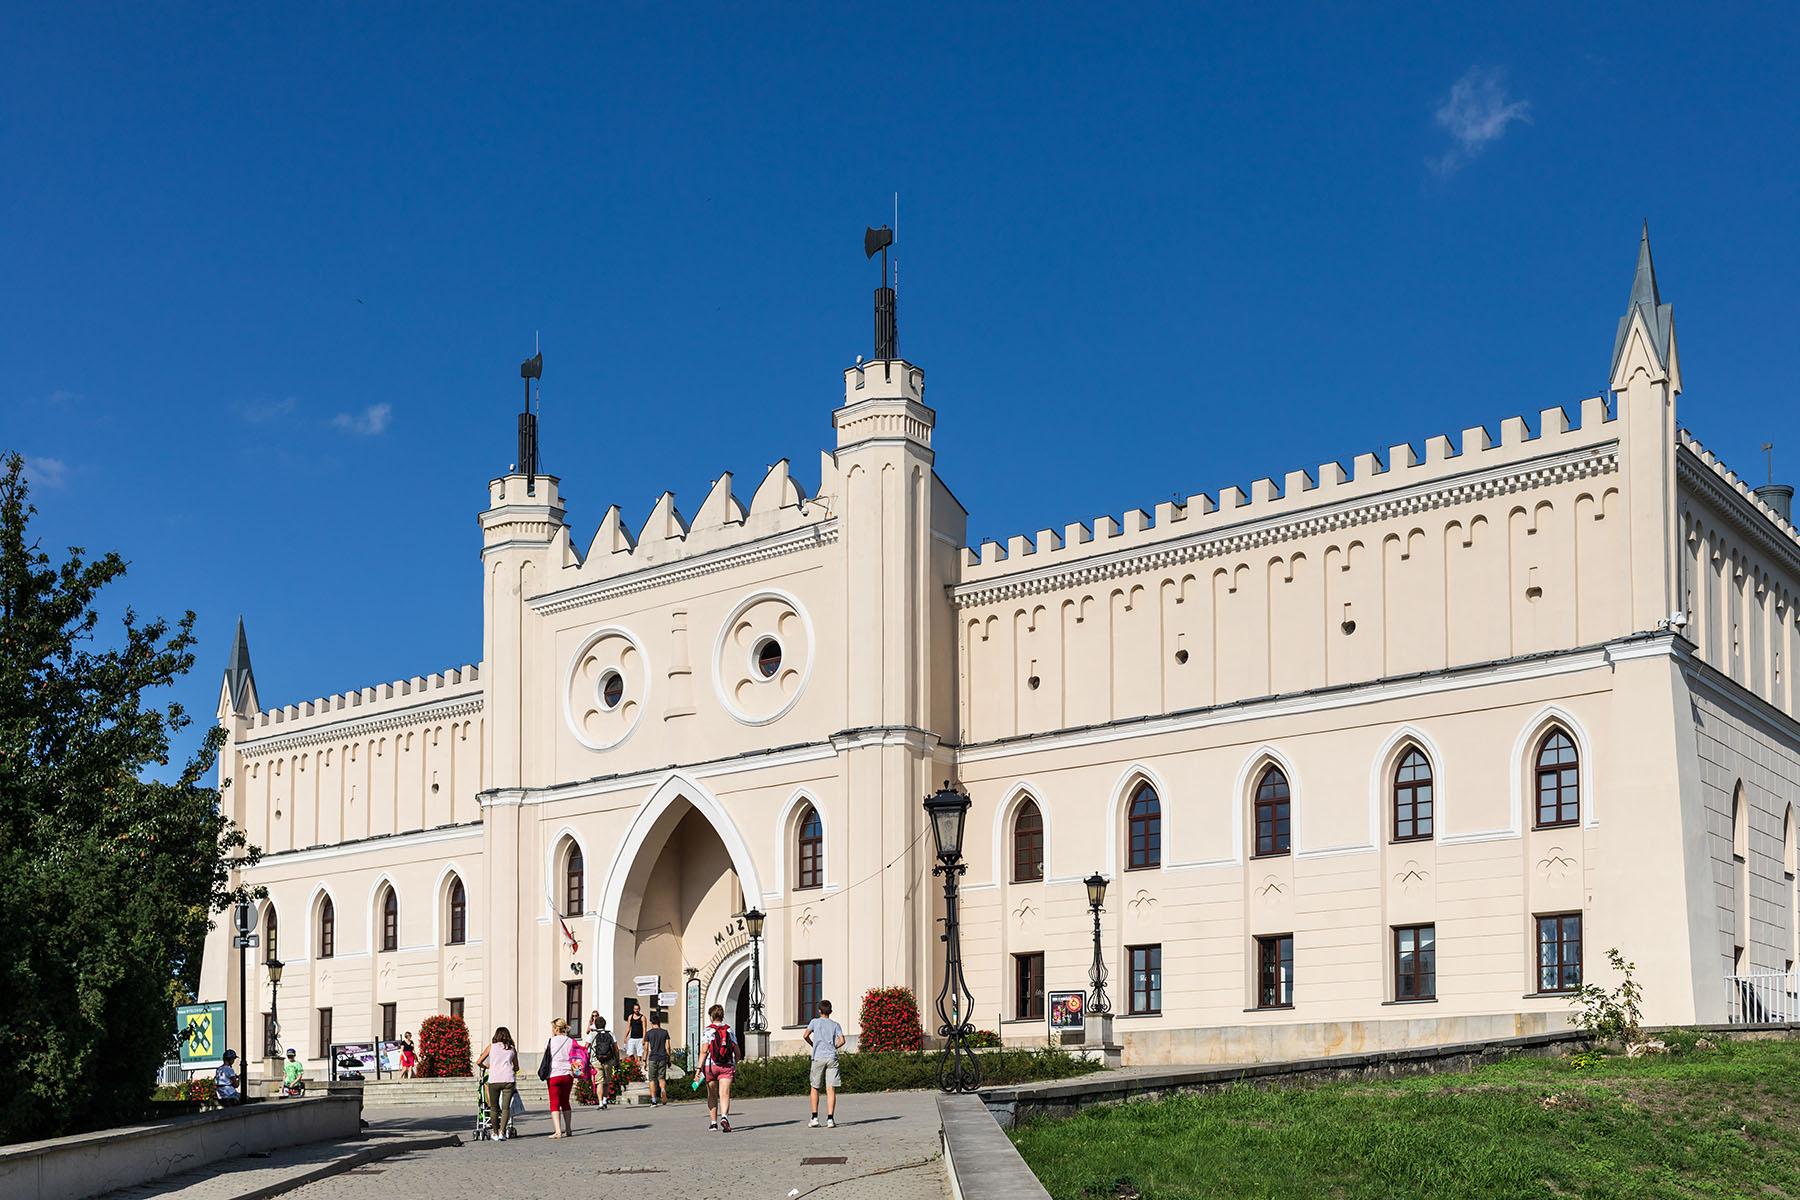 Royal Castle of Lublin, Poland